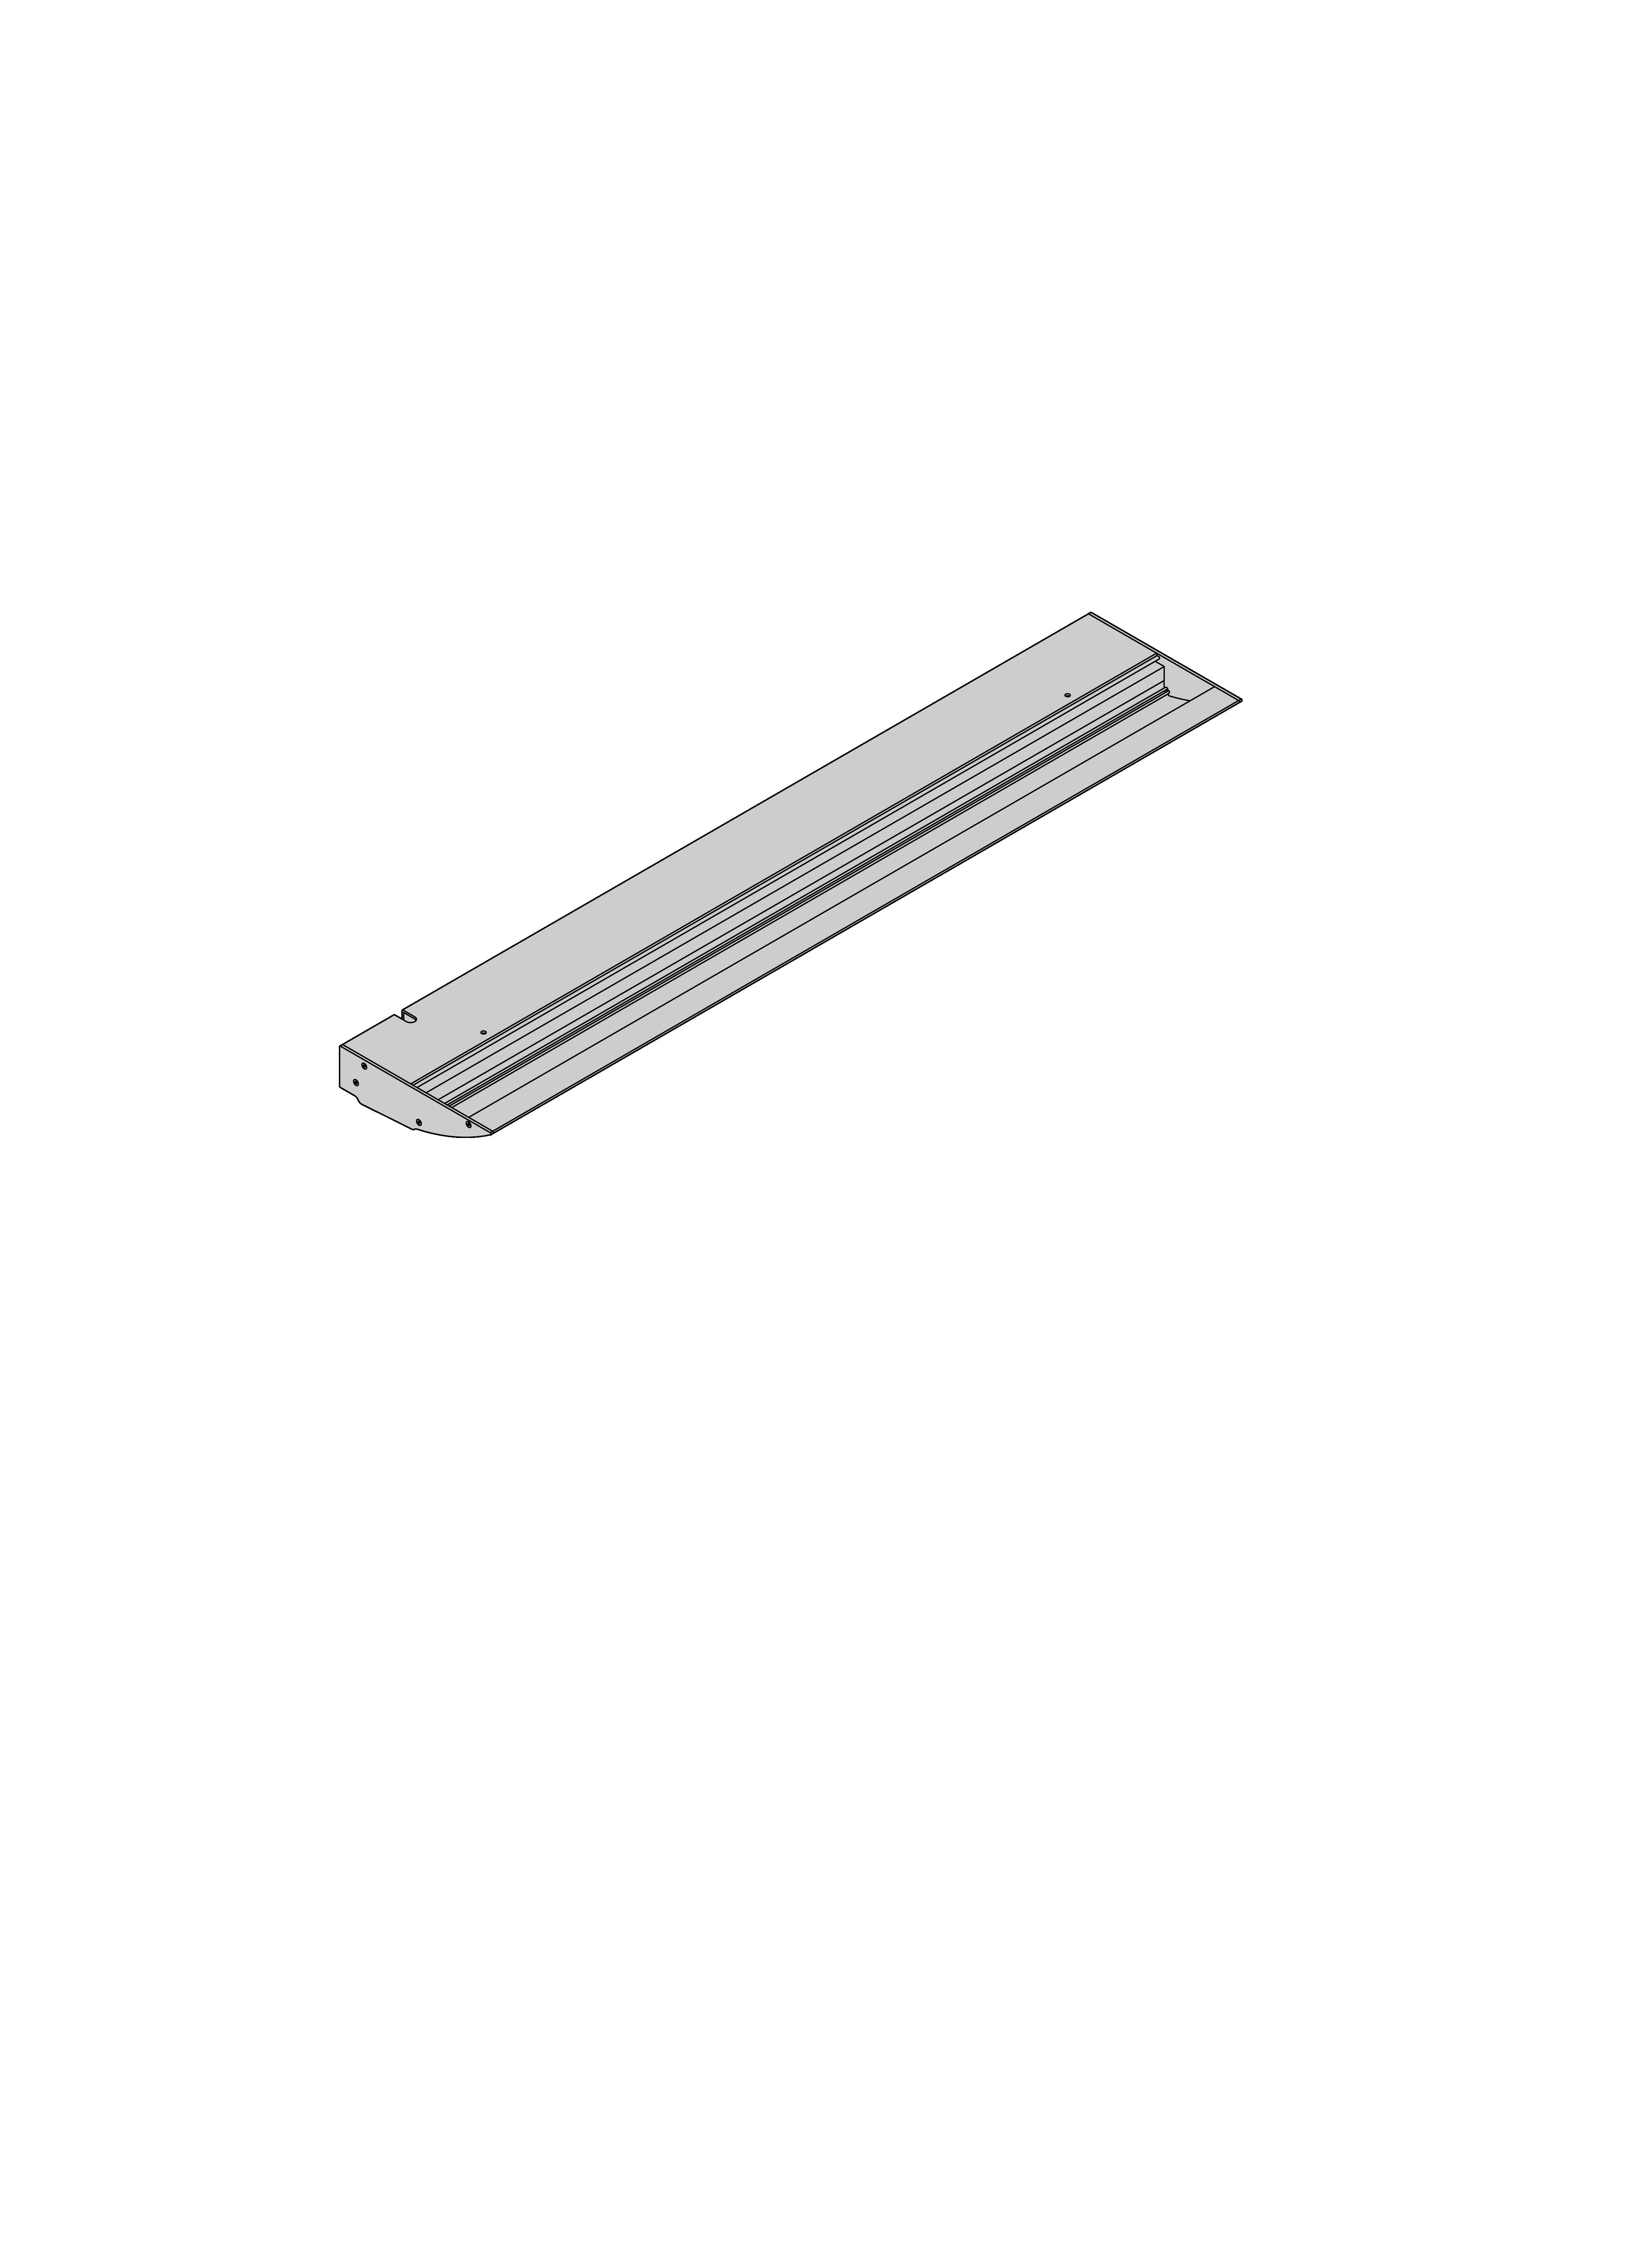 Iso_Website_ohneLicht_ZG_GL2_UL Elegantes Led Unterbauleuchte Mit Steckdose Dekorationen